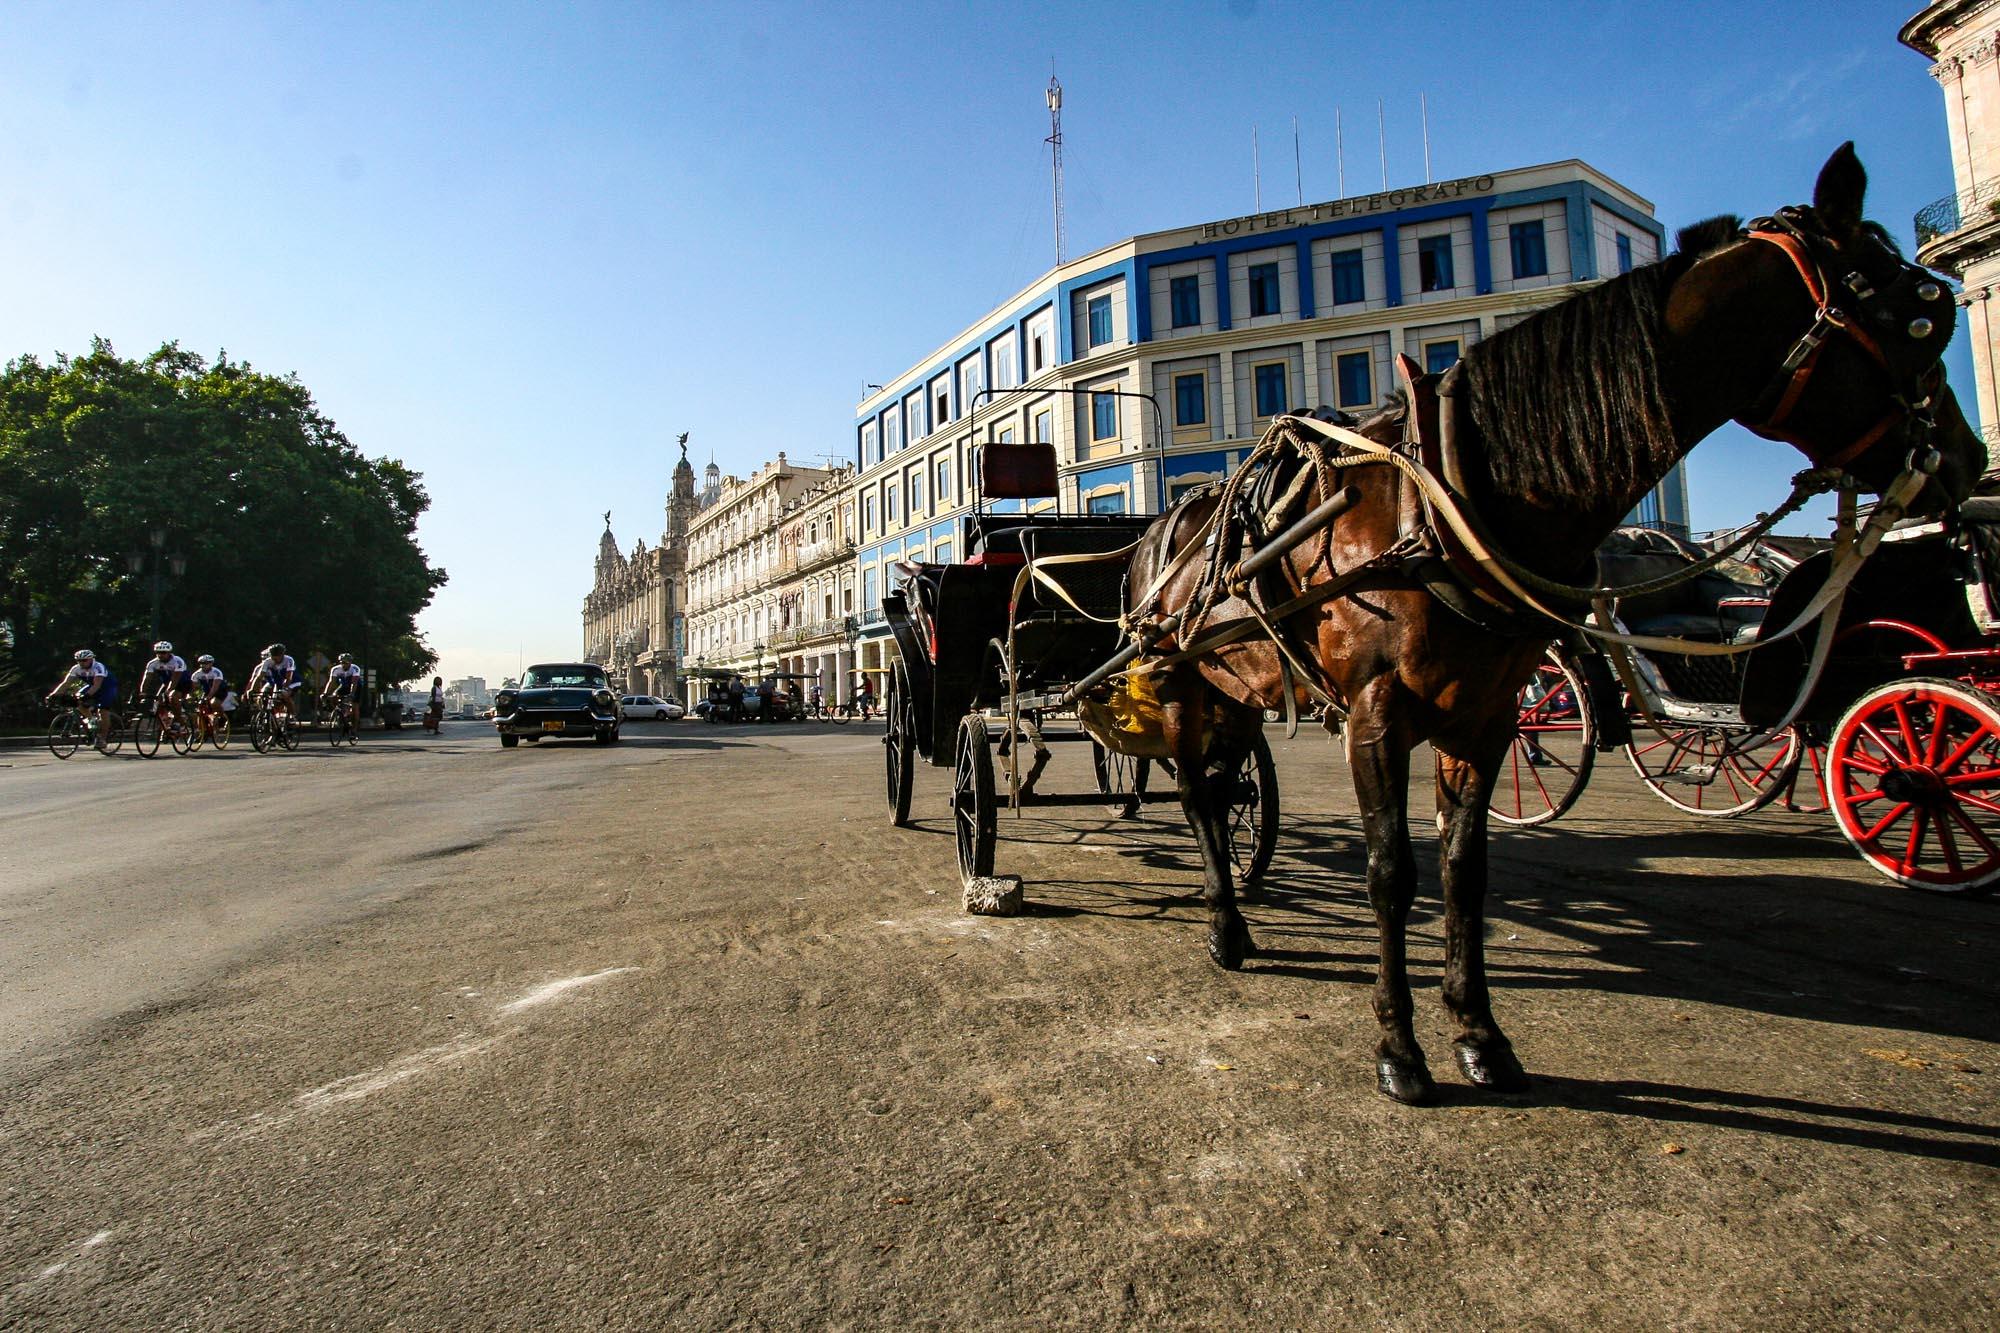 Im Vordergrund eine Pferdekutsche in Havanna. Von hinten kommen Rennradfahrer und Autos.